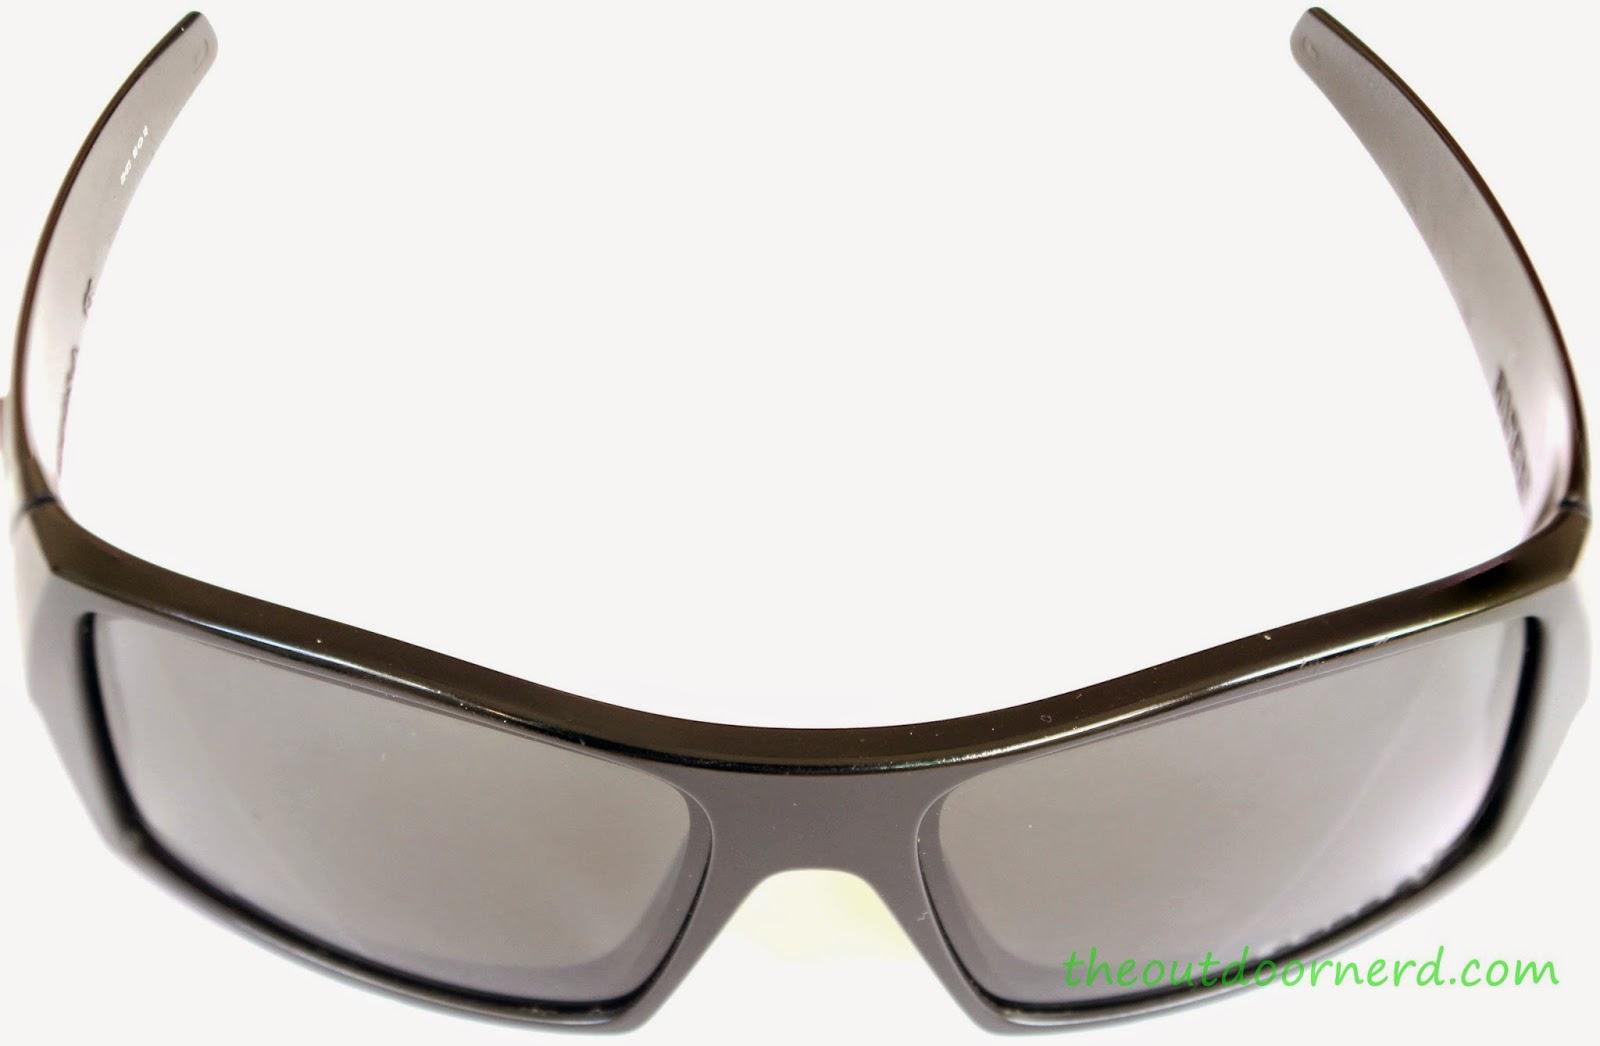 New Lenses For Oakley Sunglasses